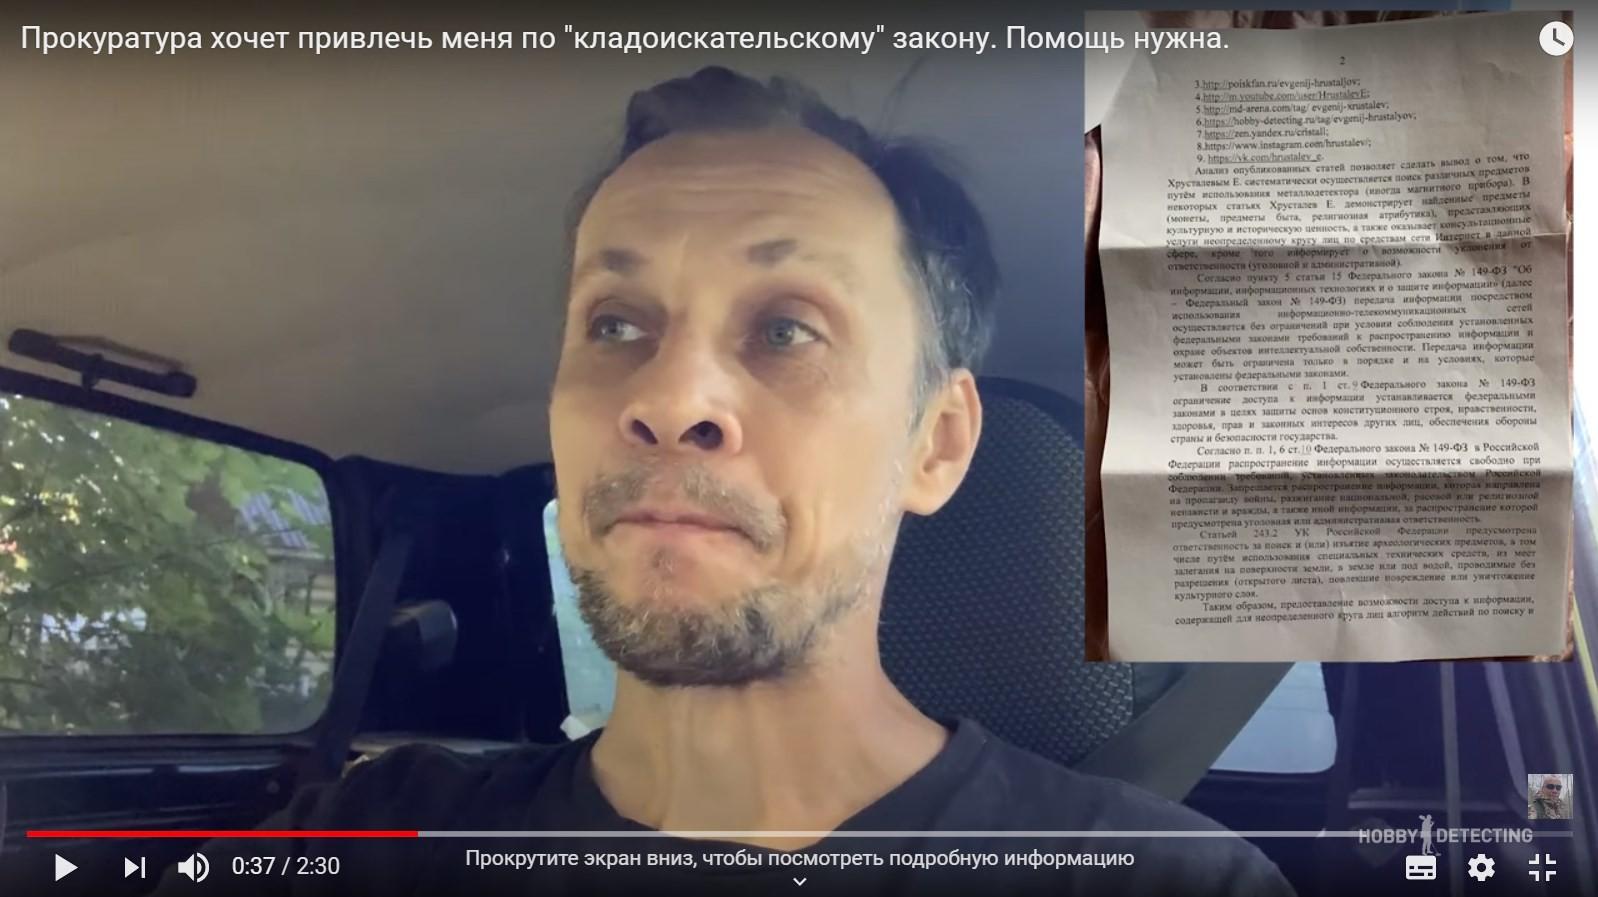 дело хрусталёва